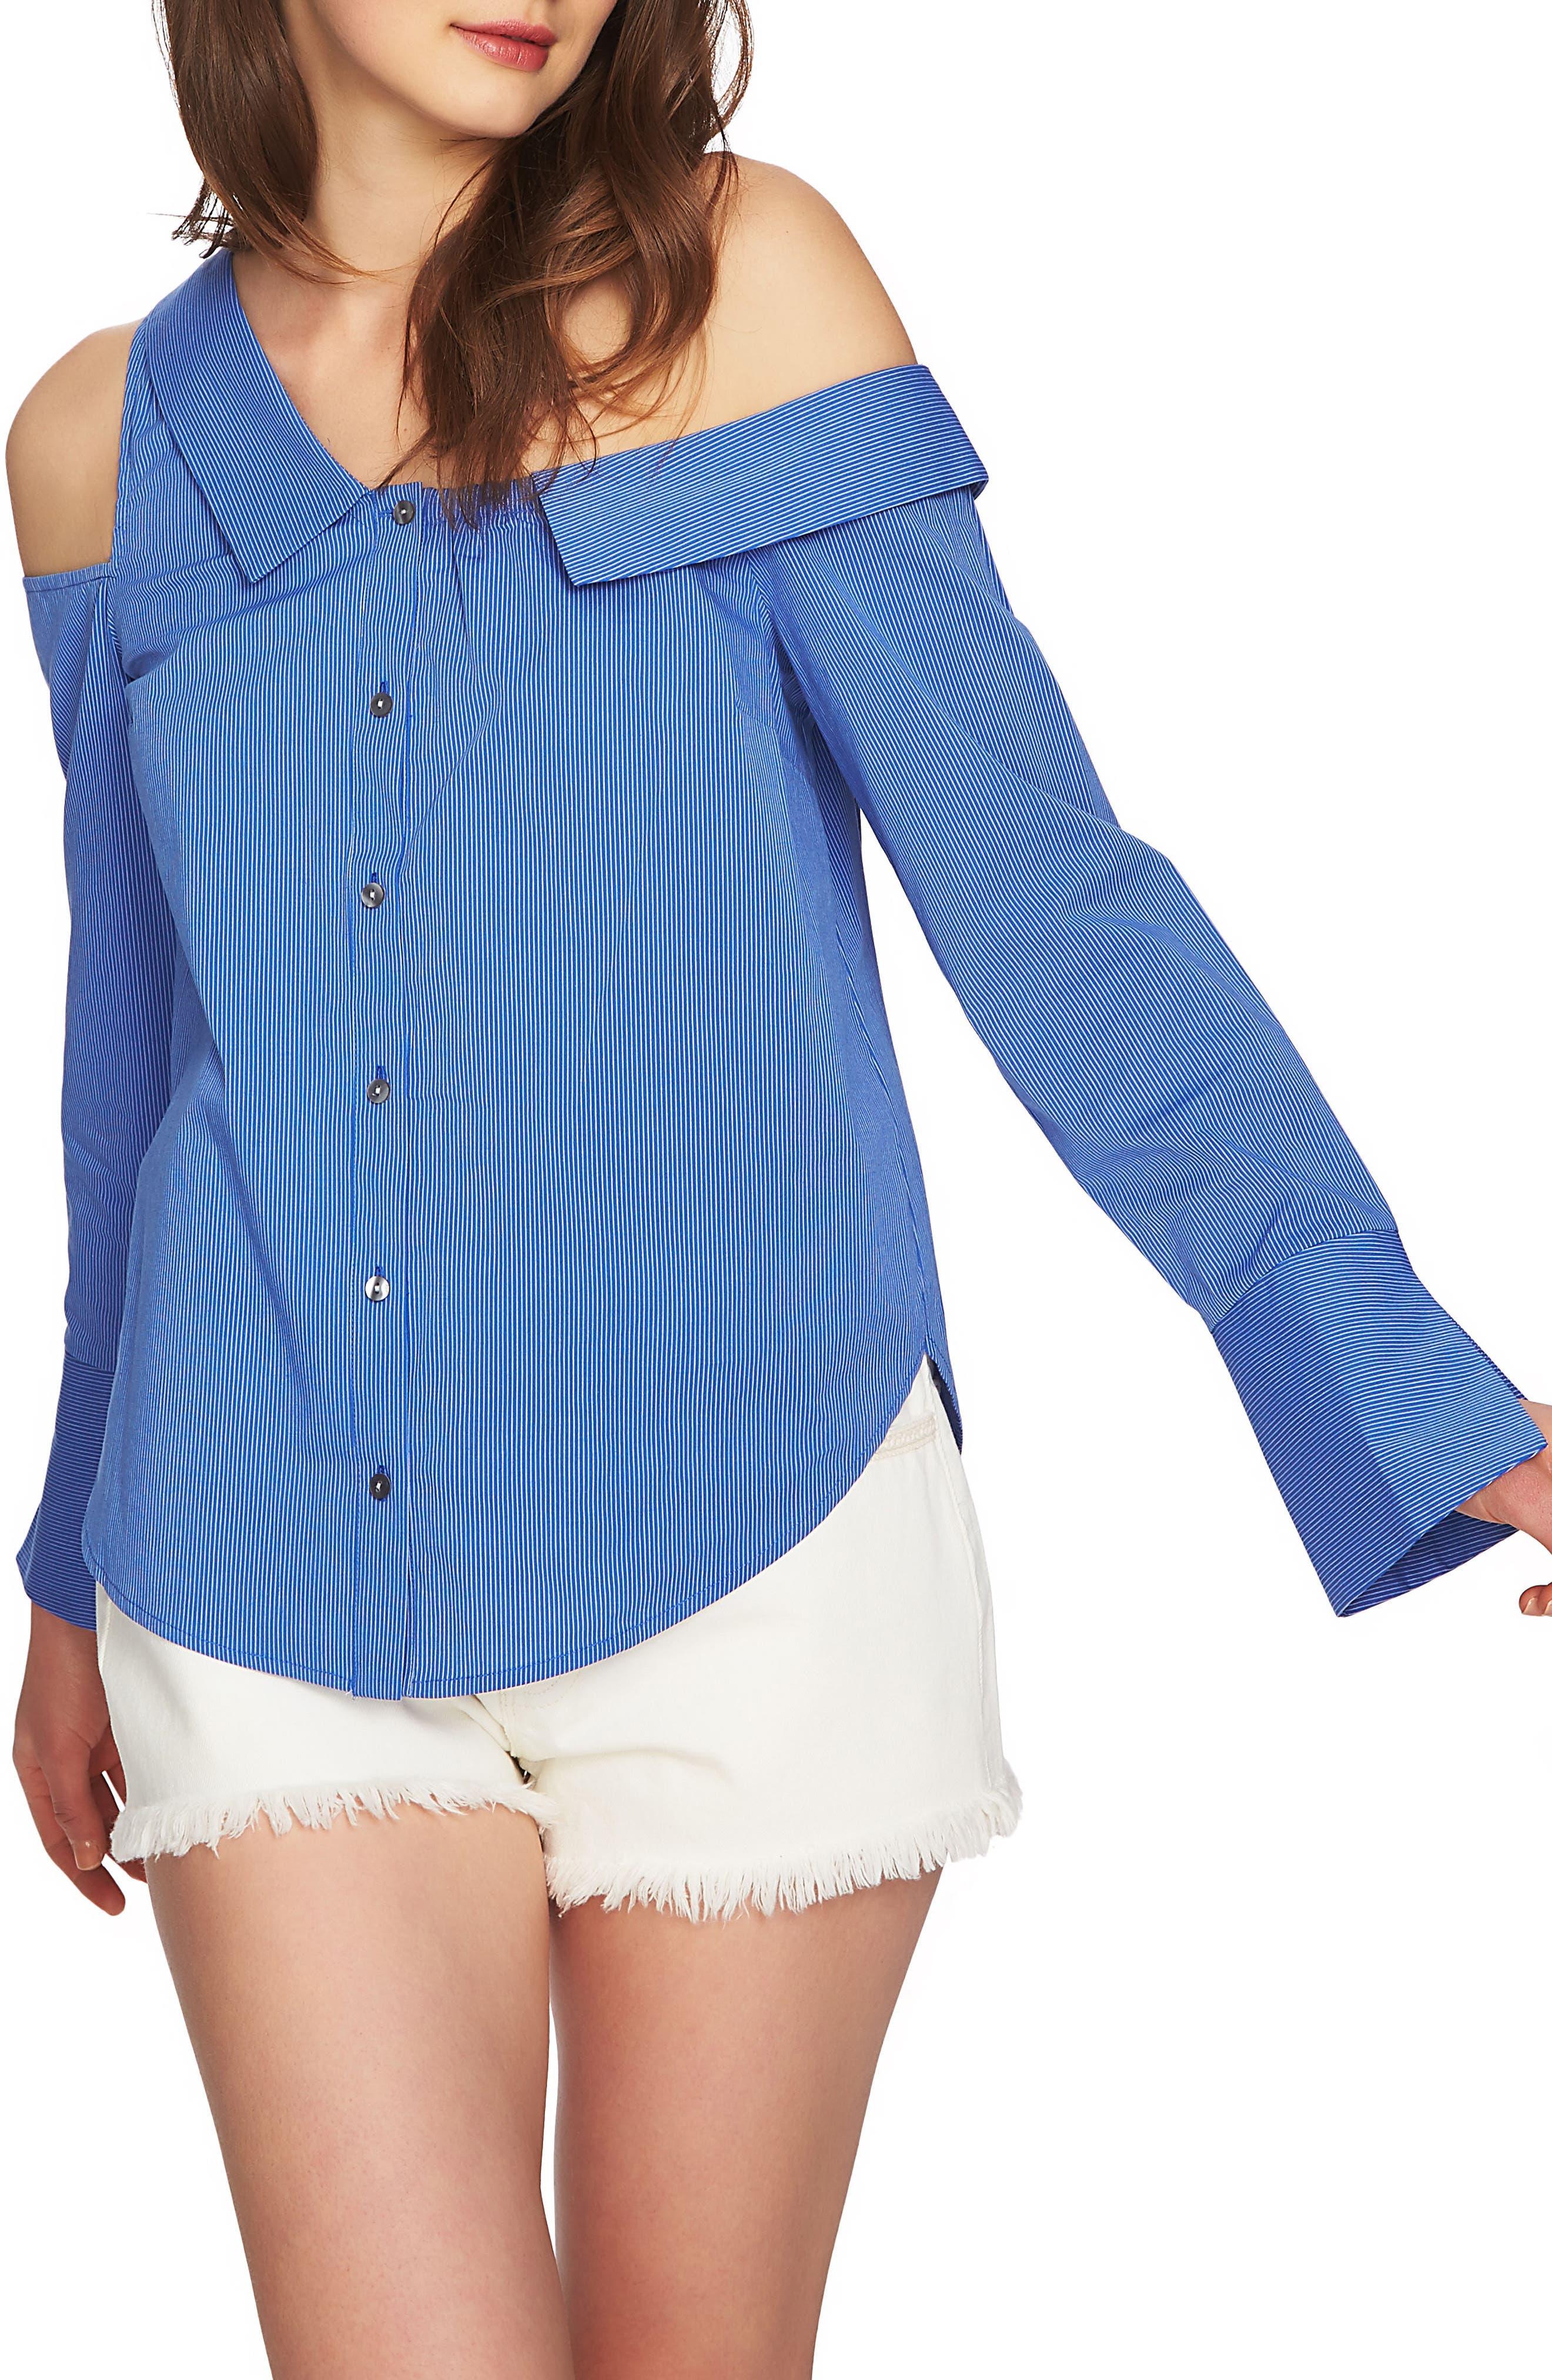 Mixed Stripe One-Shoulder Top,                             Main thumbnail 1, color,                             771-Blue Bonnet